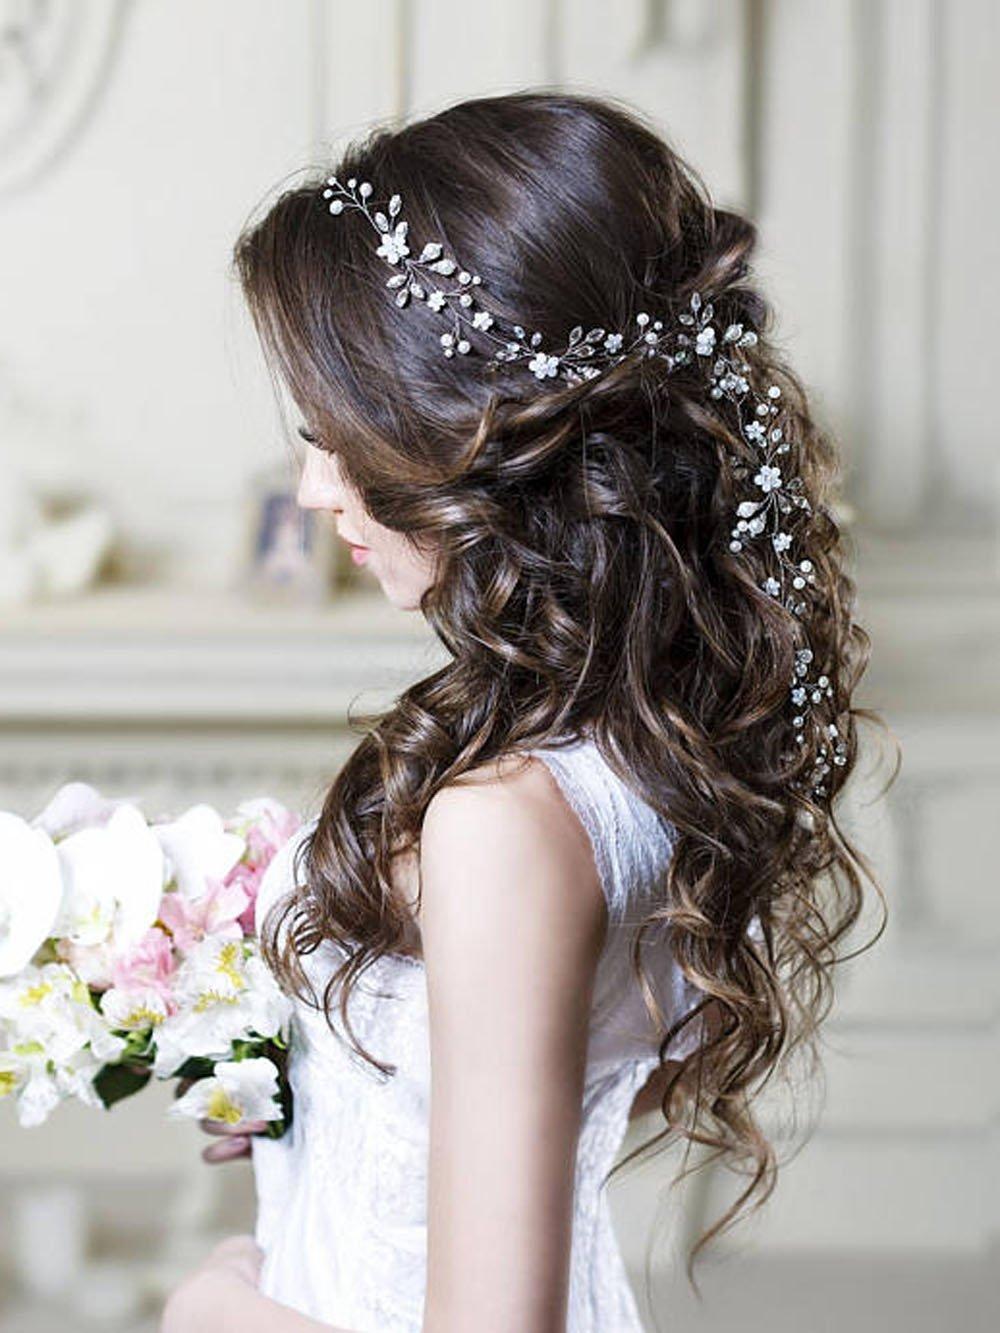 Simly - Diademas para novia, diseño de flores, accesorios para novias y damas de honor (plata) FS-195: Amazon.es: Belleza